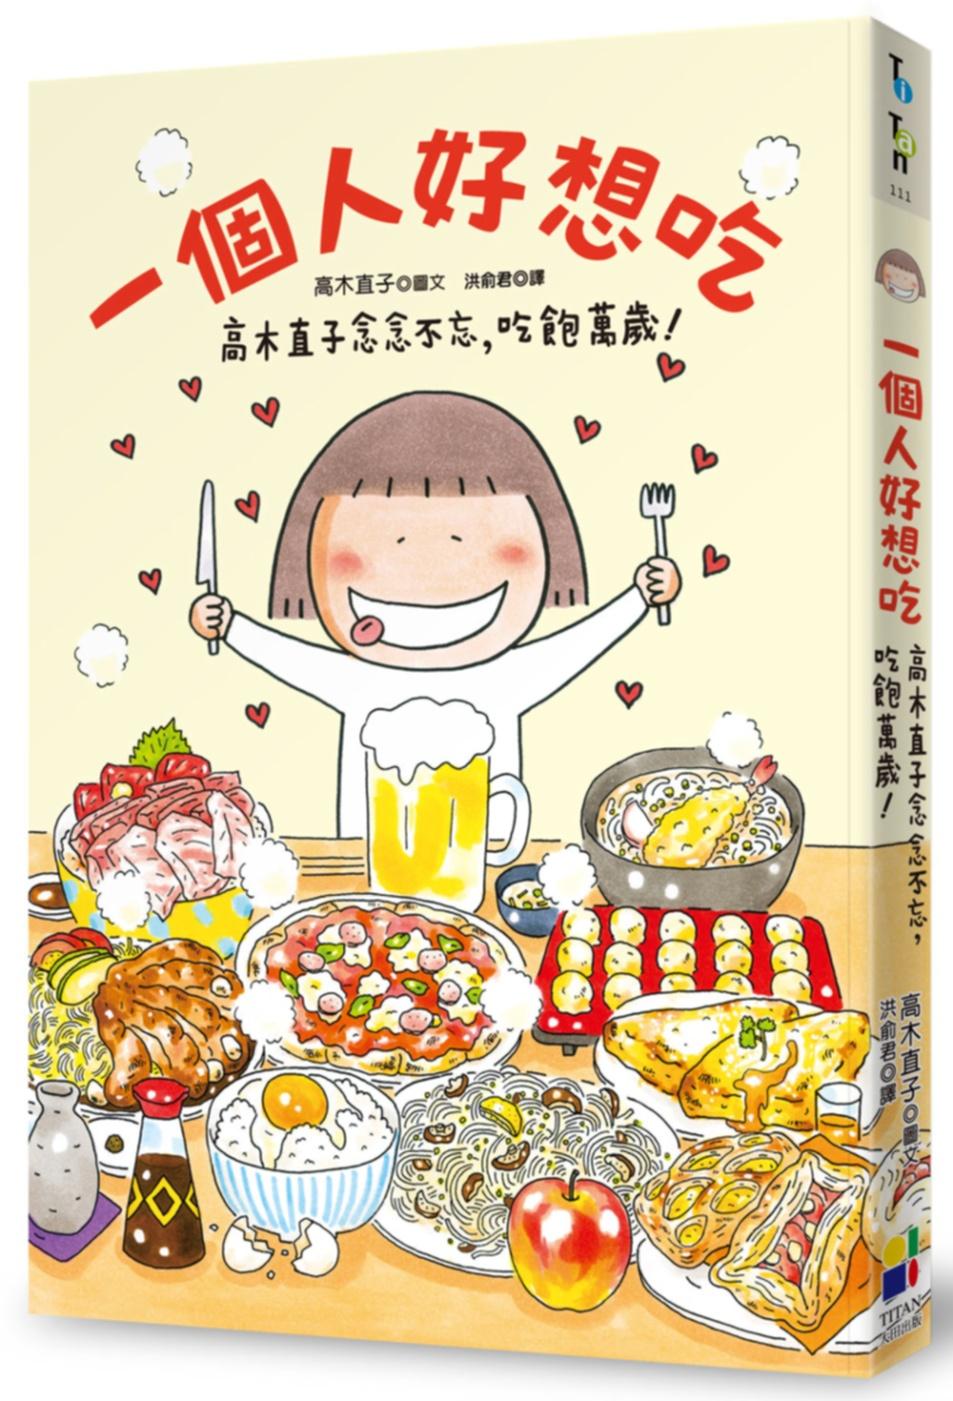 一個人好想吃:高木直子念念不忘,吃飽萬歲!